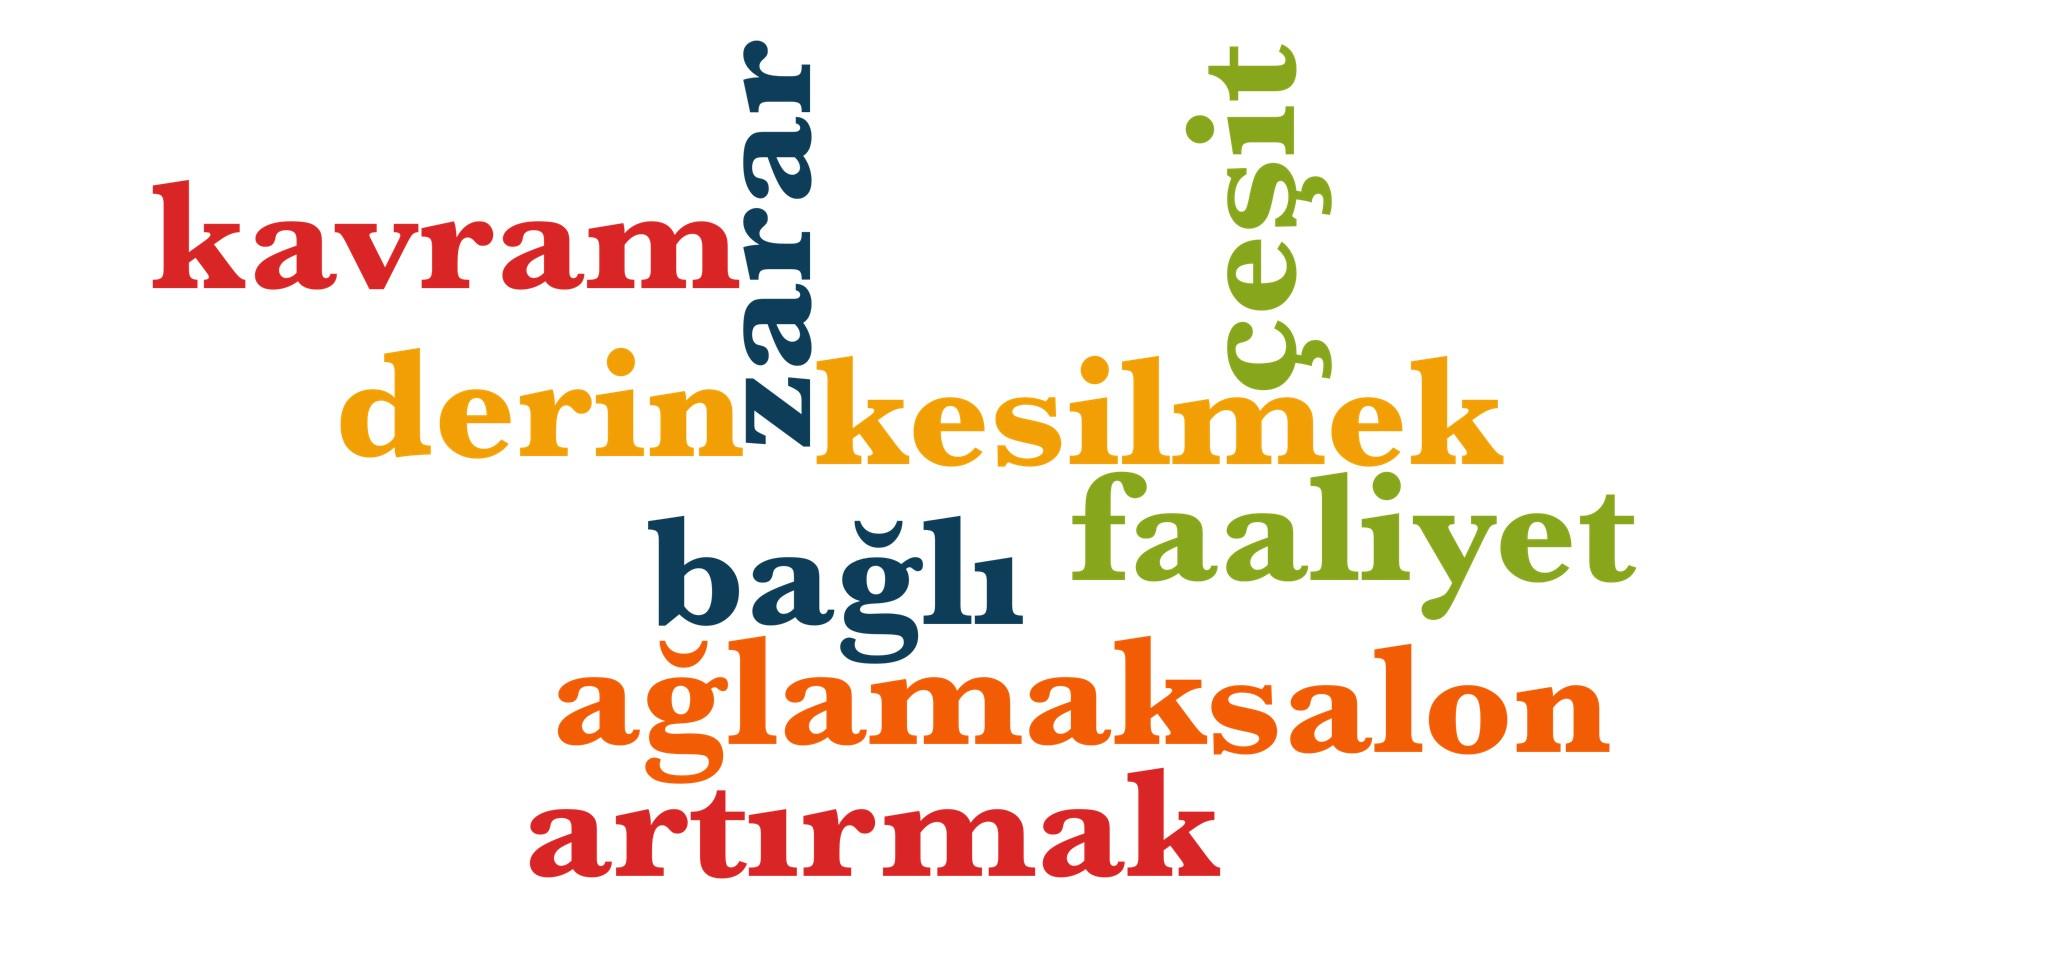 Wörter 651 bis 660 der 1000 häufigsten Wörter der türkischen Sprache